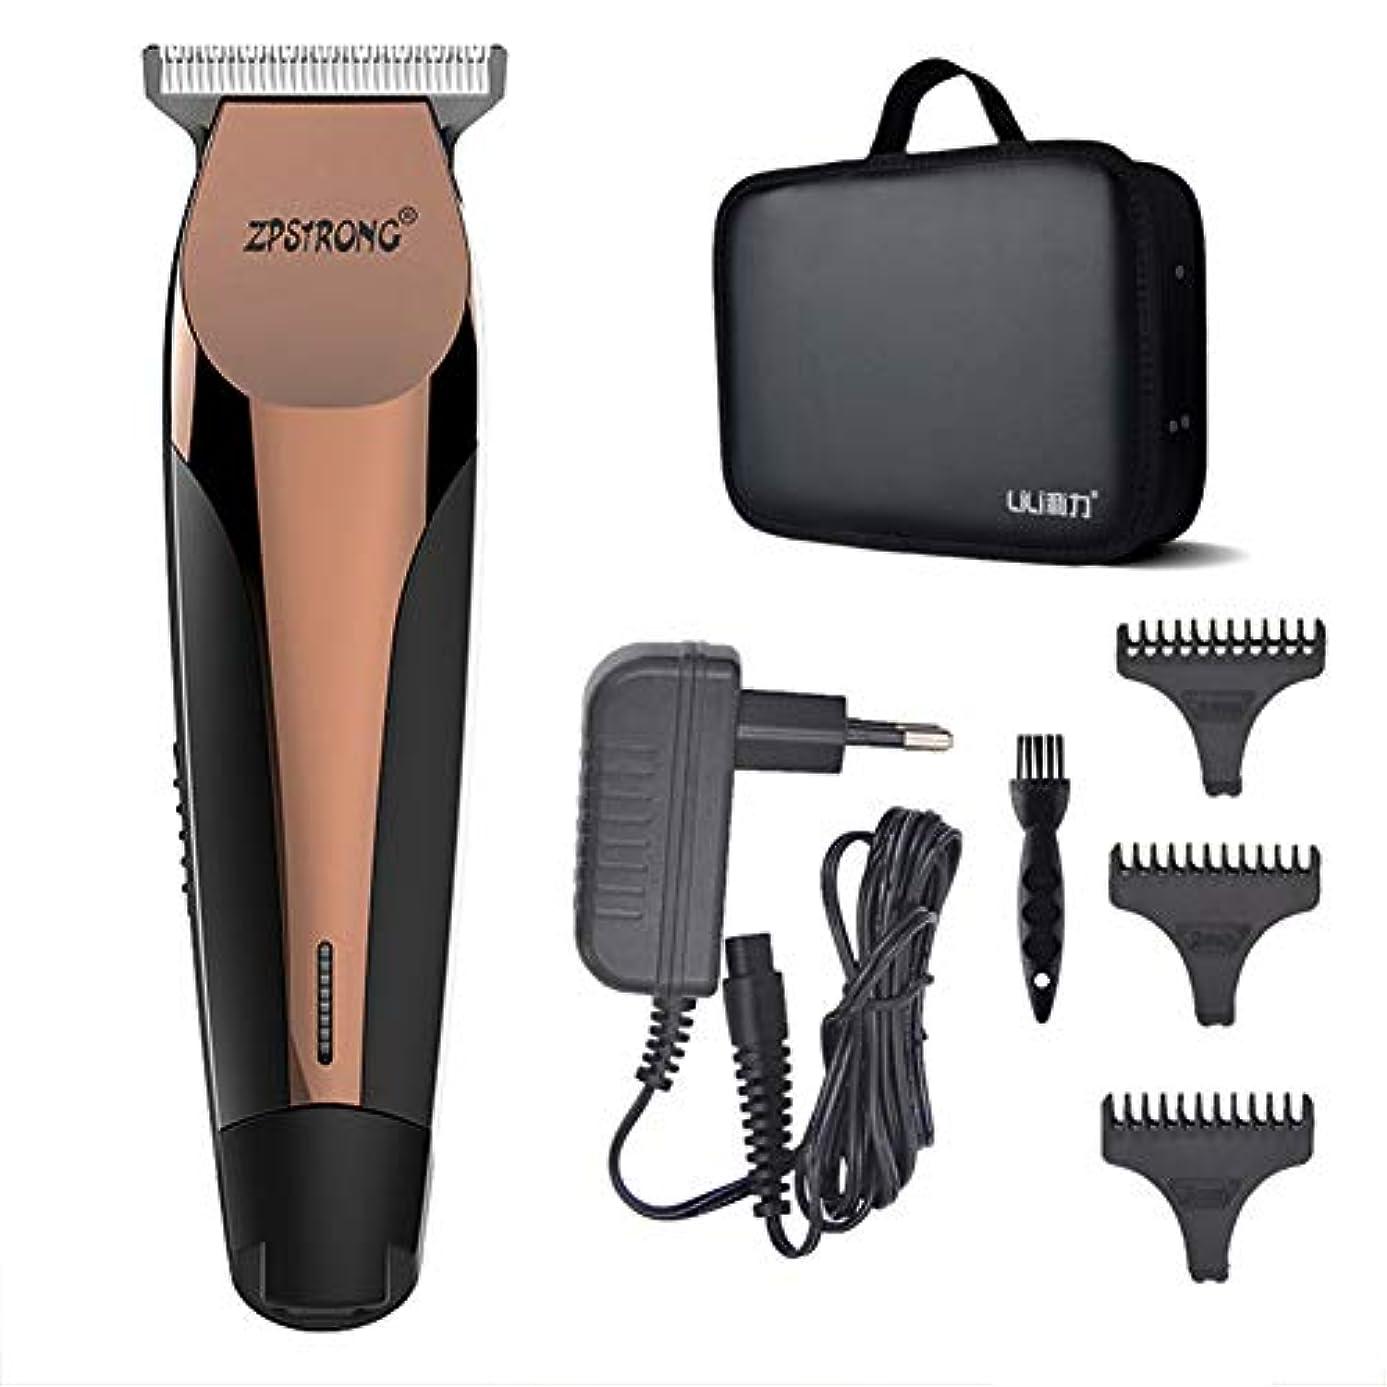 セーブ関数副産物バリカン収納ケース付きキャリングケースバッグキット男性のための電気ヘアトリマー髭剃り機0.1ミリメートルカッター理髪散髪ツール100-240ボルト